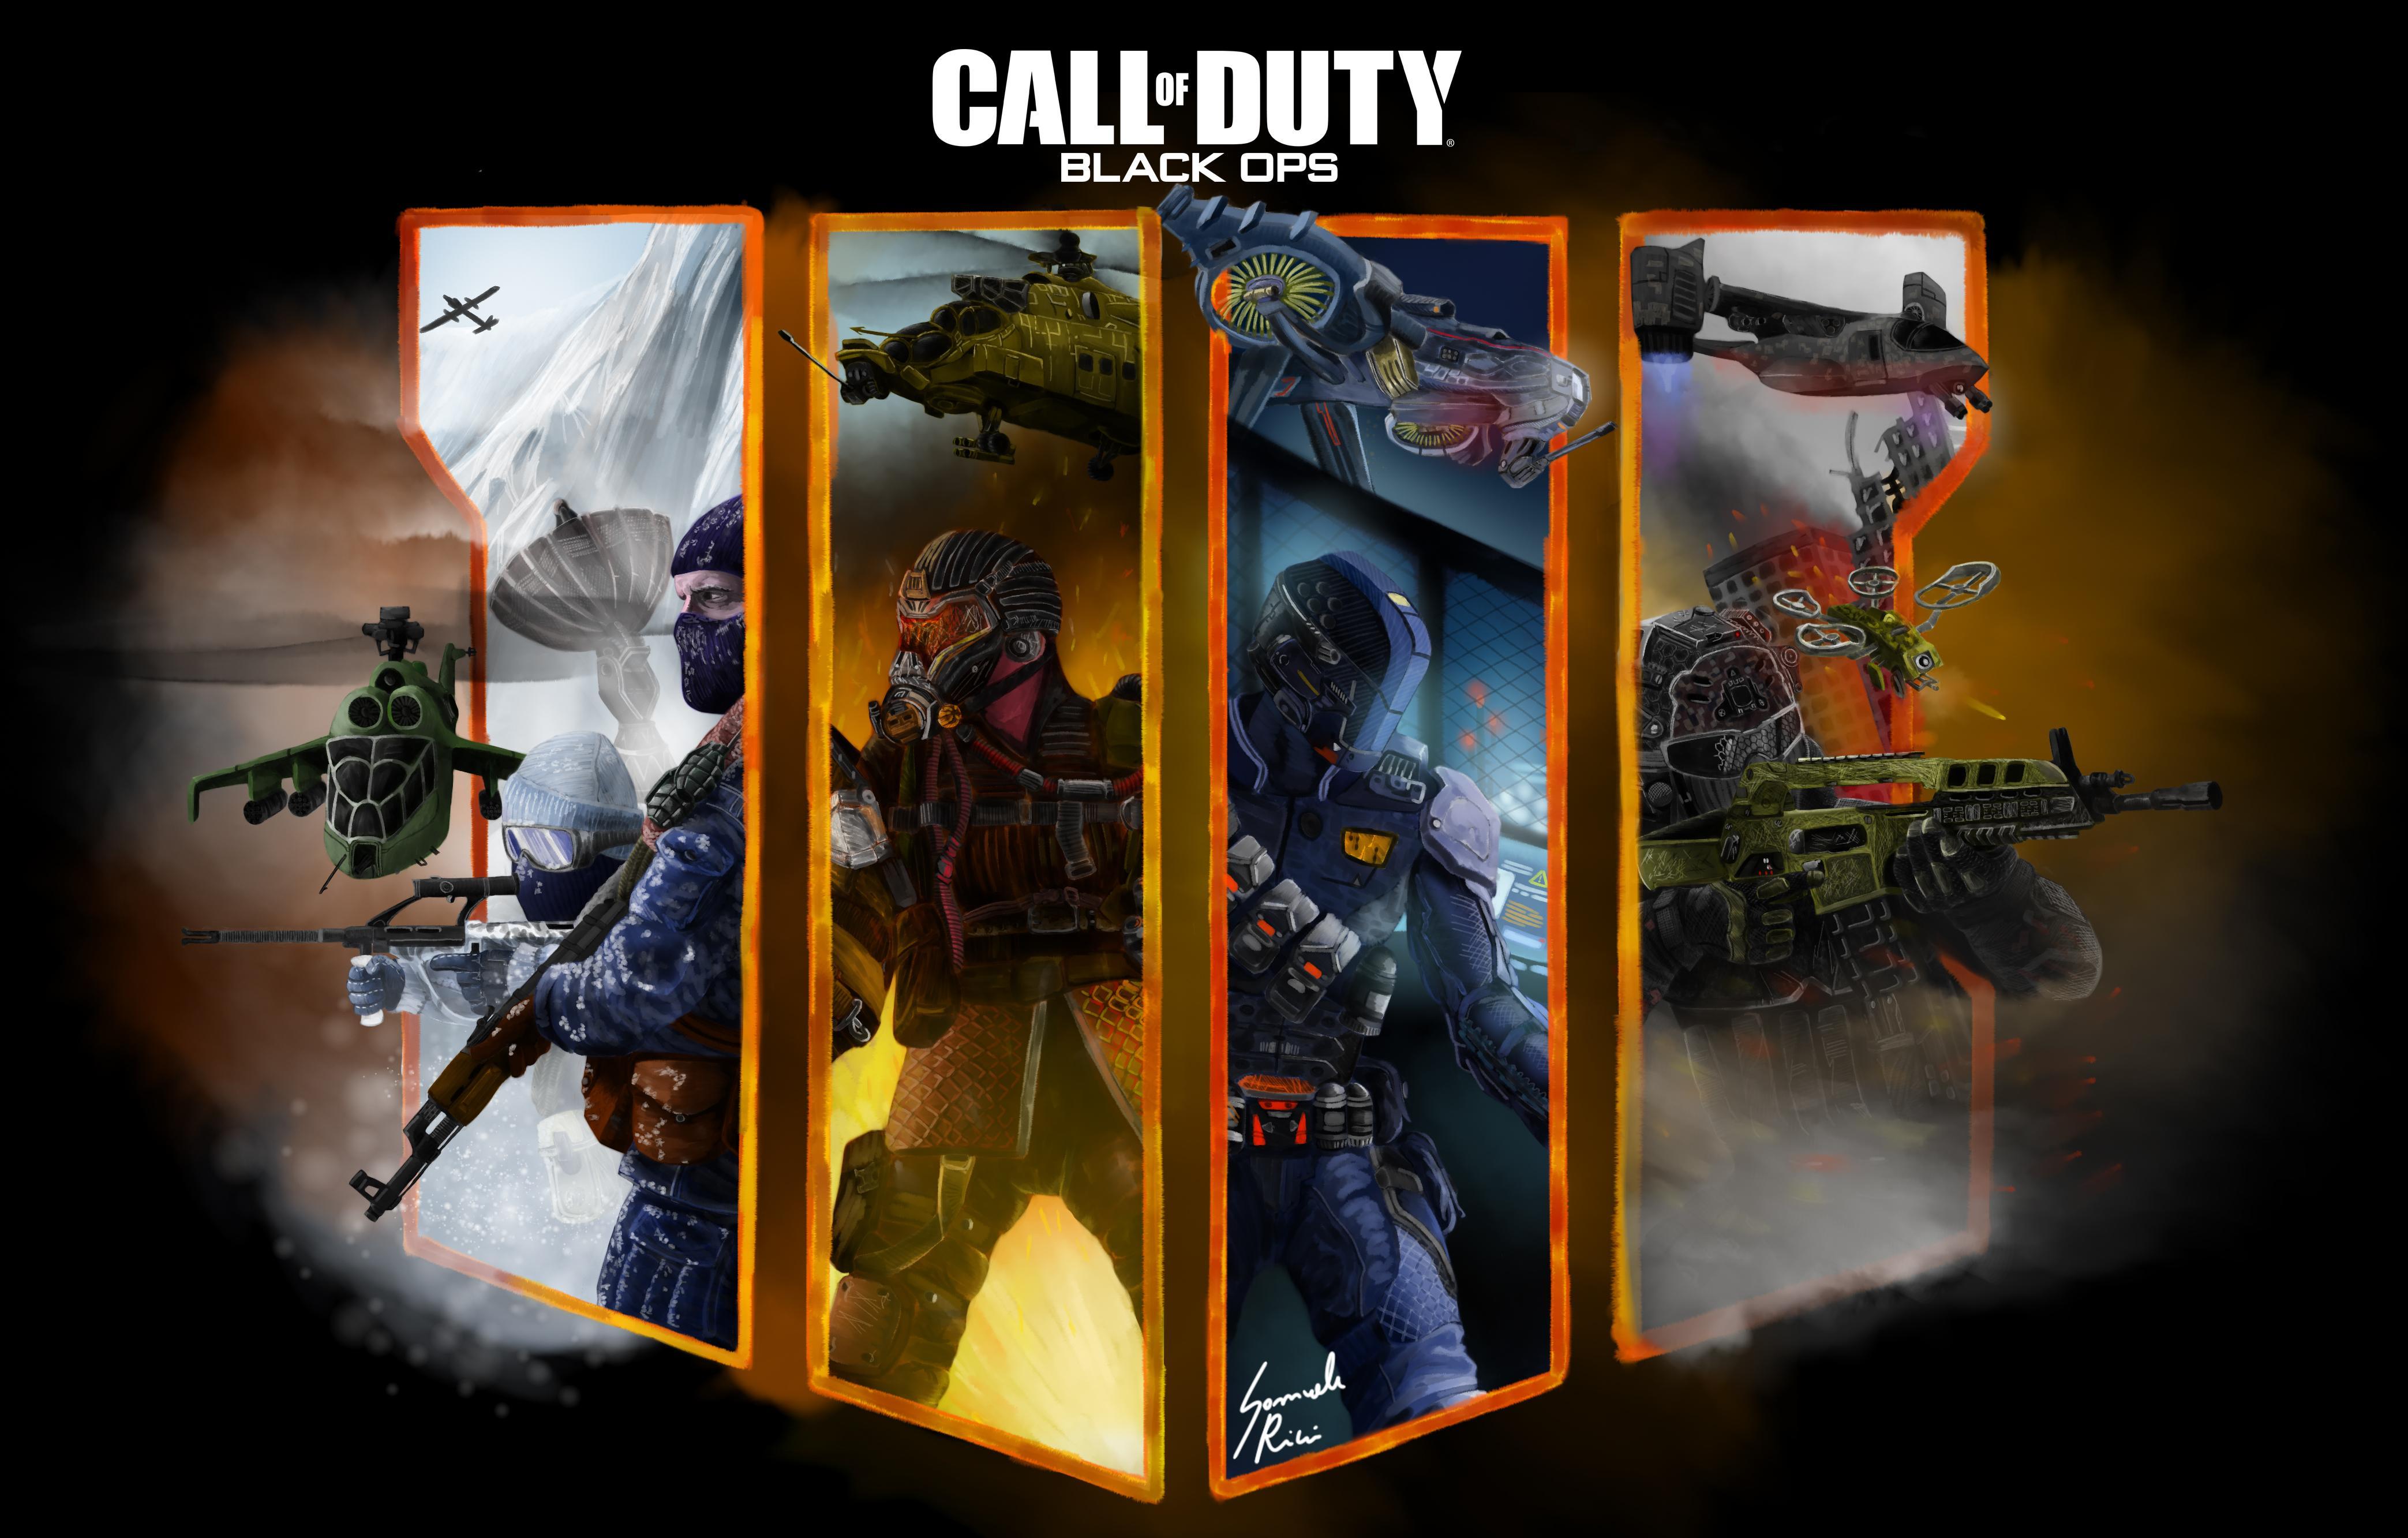 1920x1080 Call Of Duty Black Ops 4 Fan Art 4k Laptop Full Hd 1080p